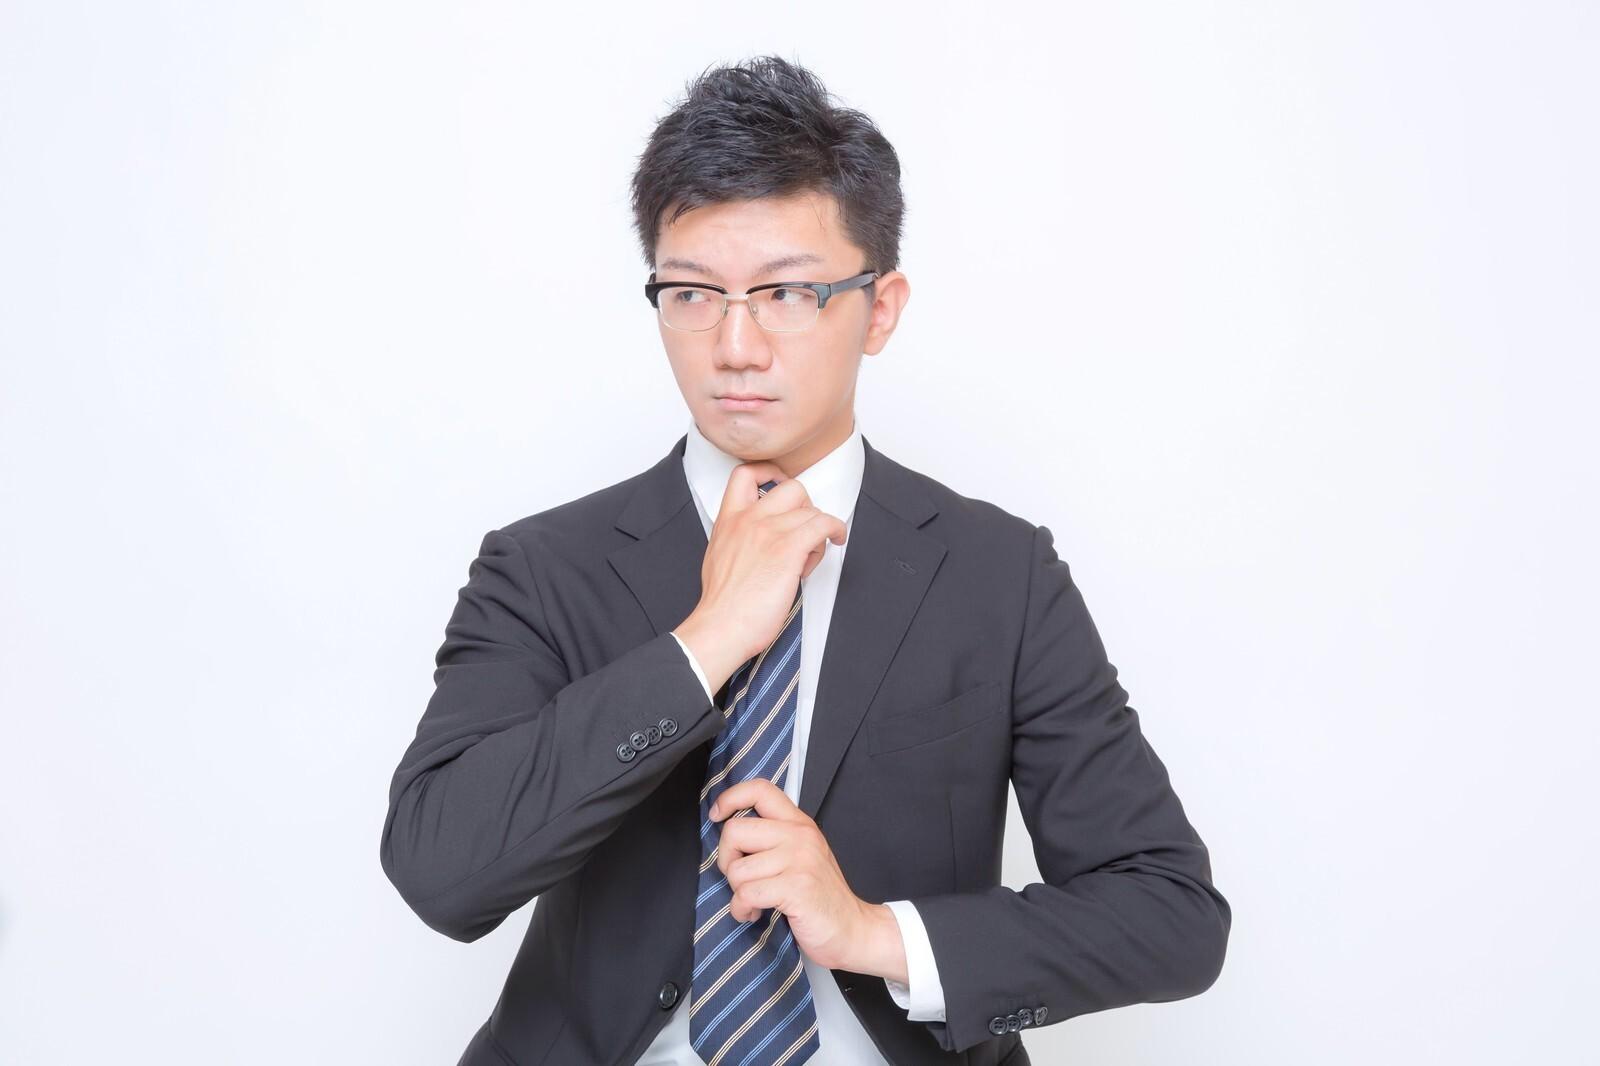 ネクタイを締める男性。